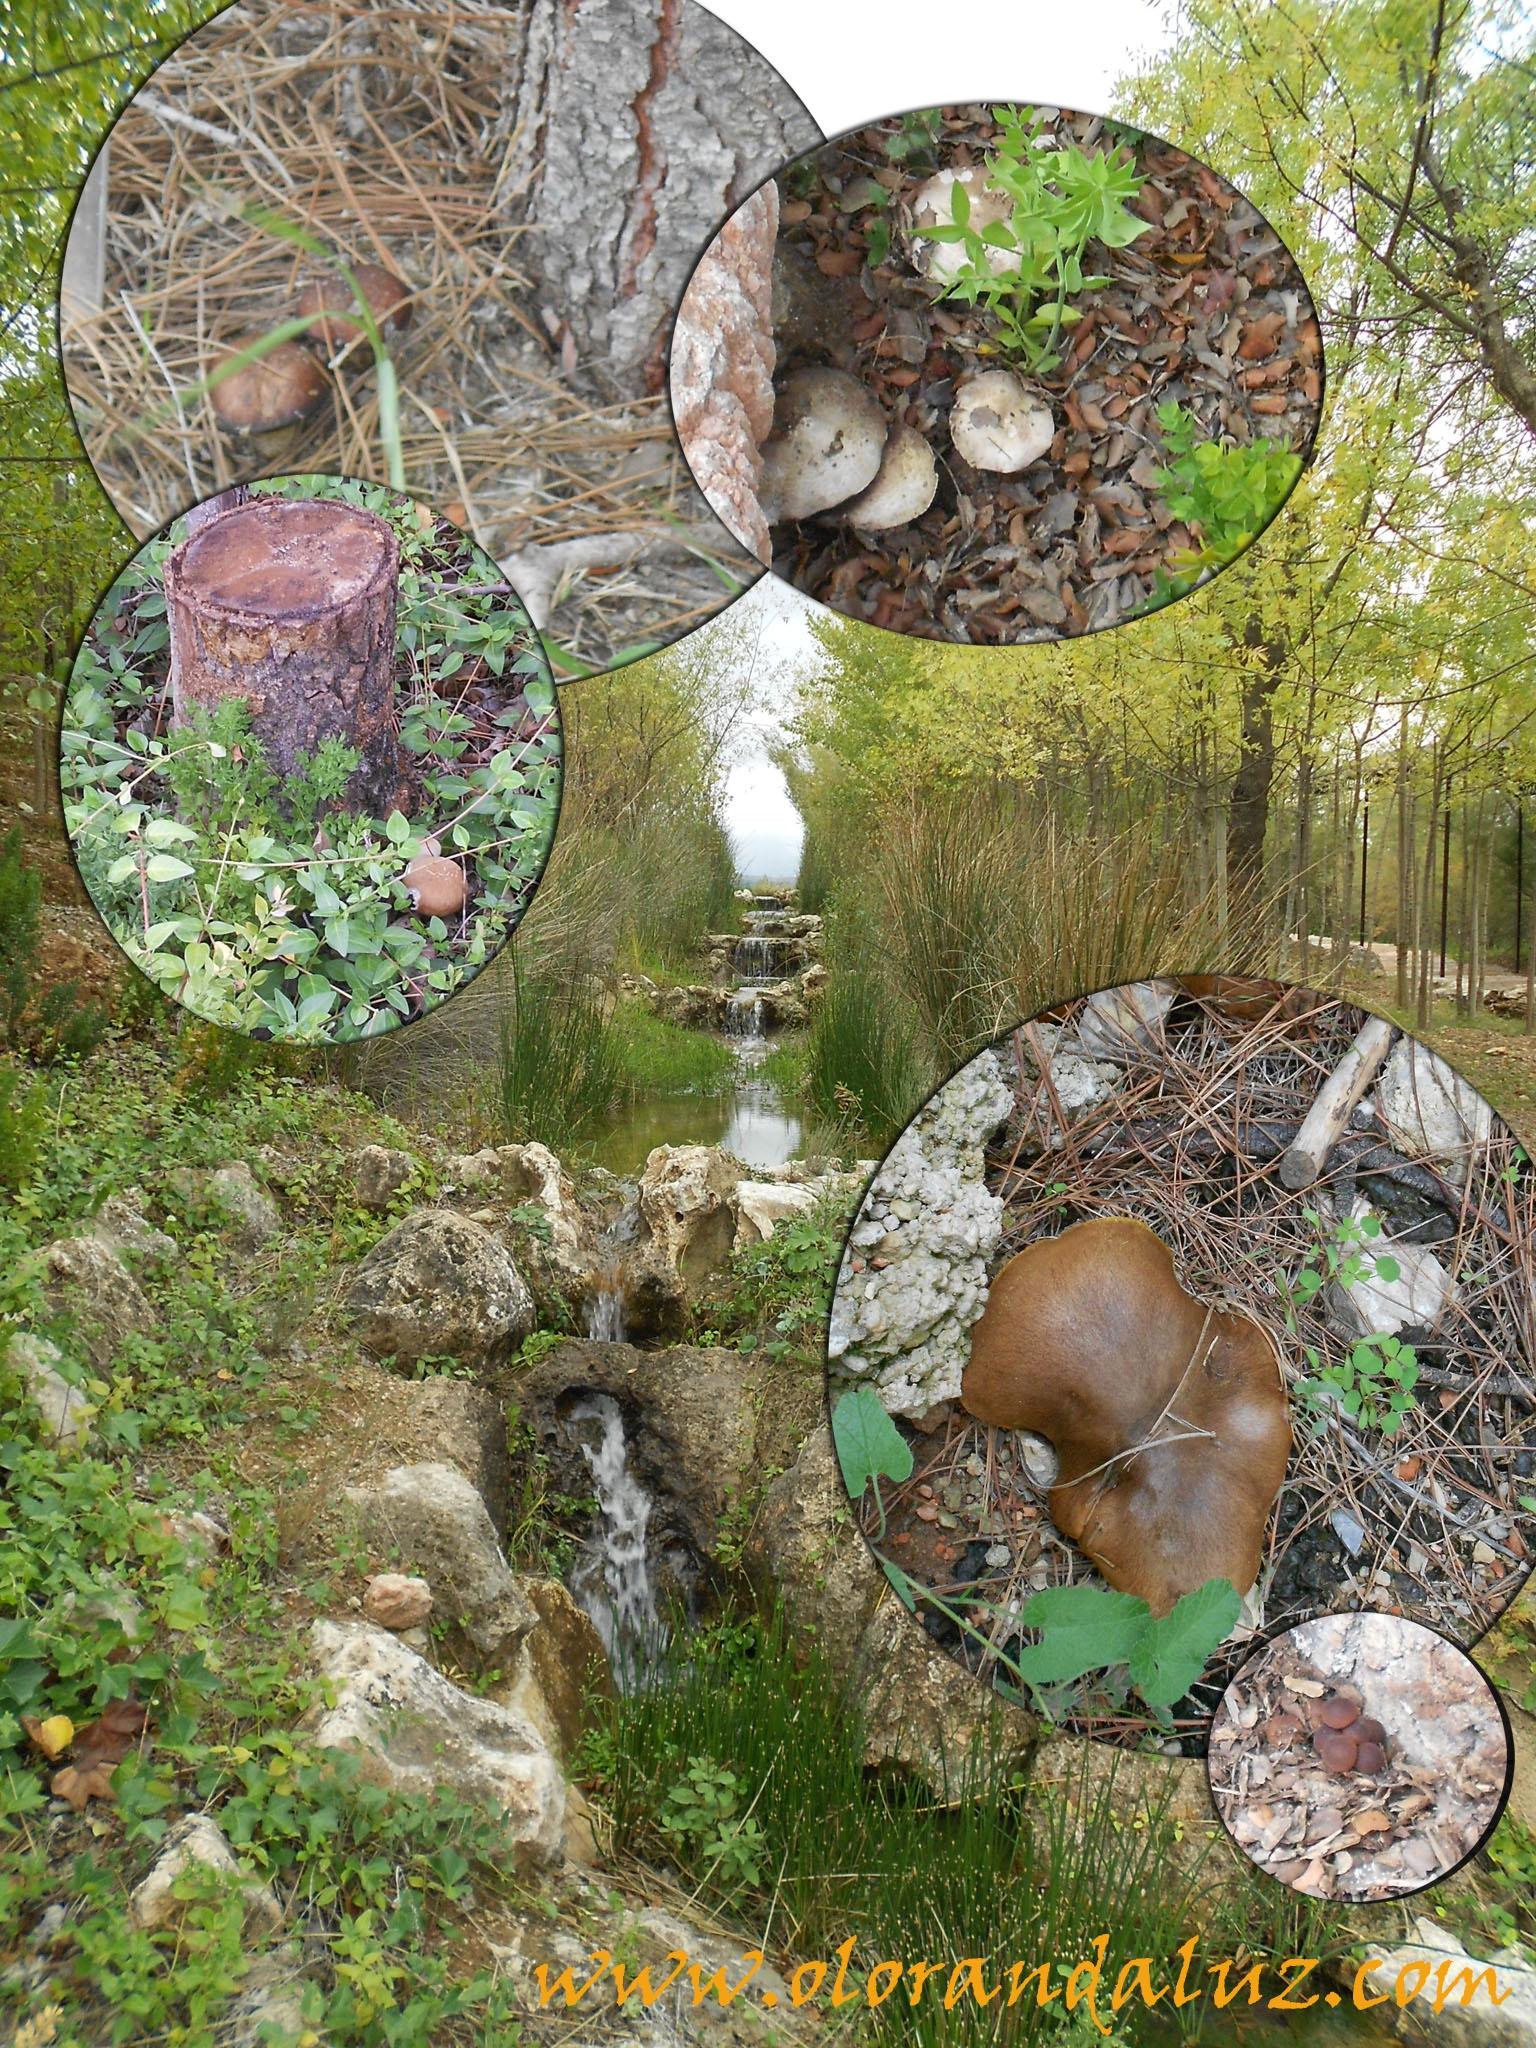 Jardin micologico la trufa olor andaluz for Jardin micologico la trufa